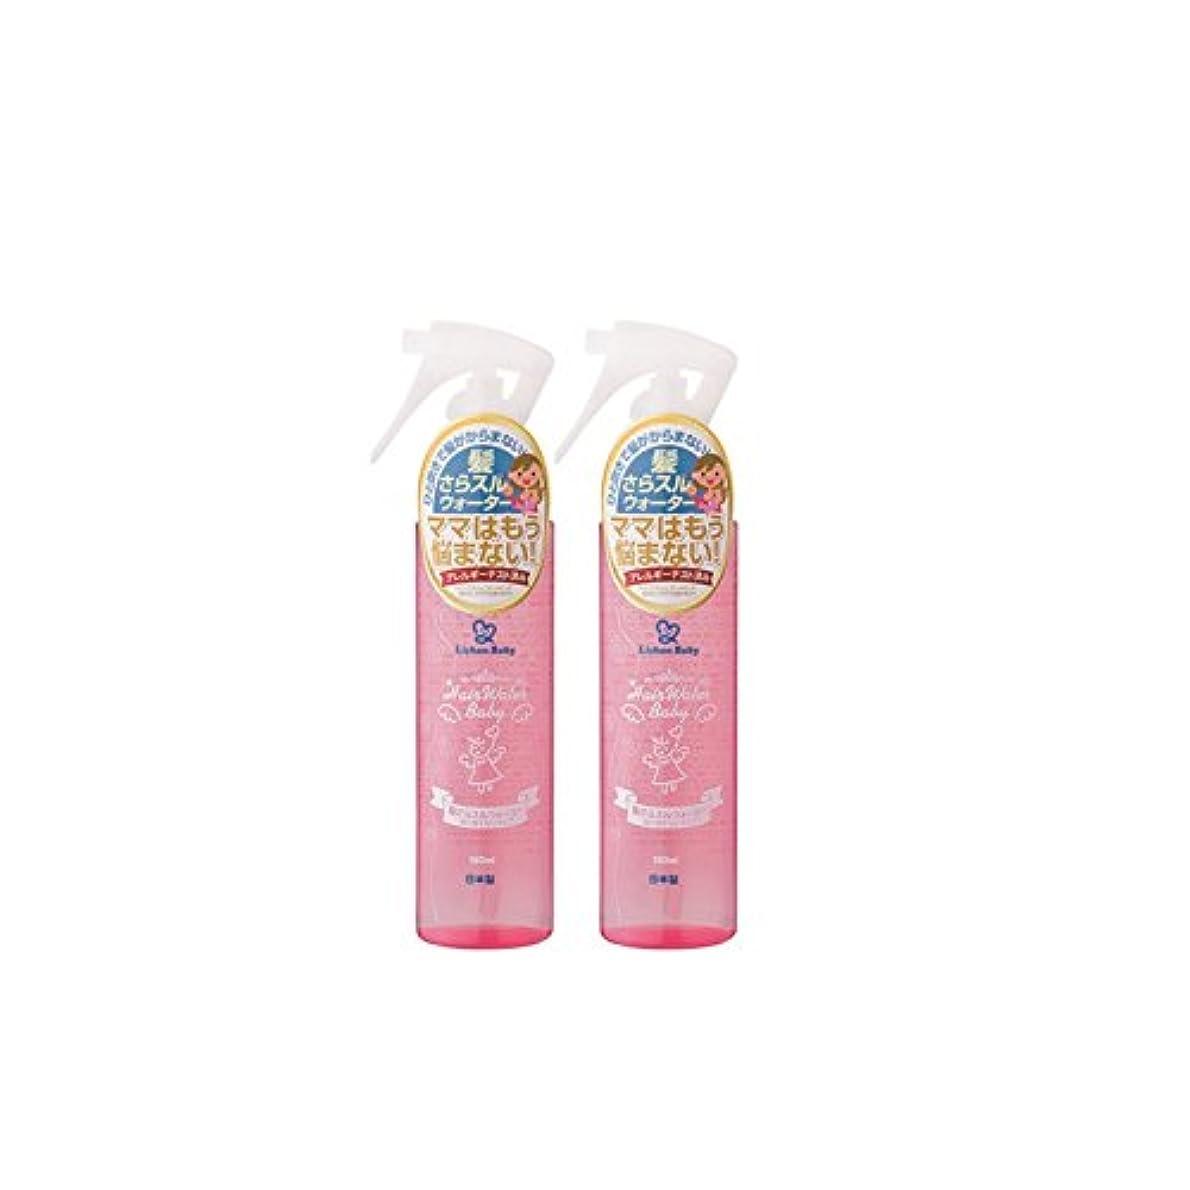 サービス慰め学ぶリシャンベビー 髪さらスルウォーター 幼児用 (フローラルの香り) 150mL 2本セット